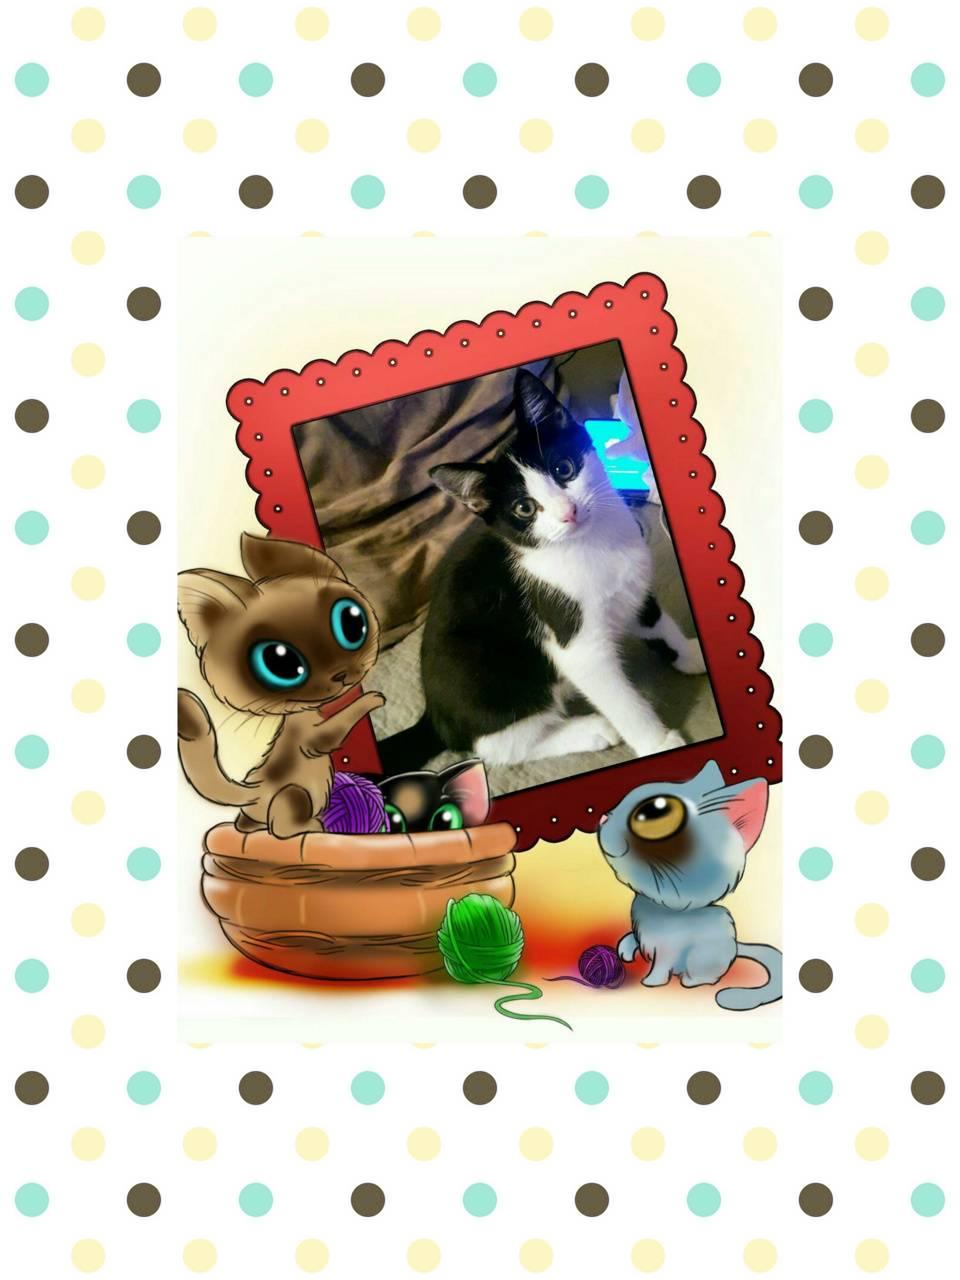 My Cat Chee Chee